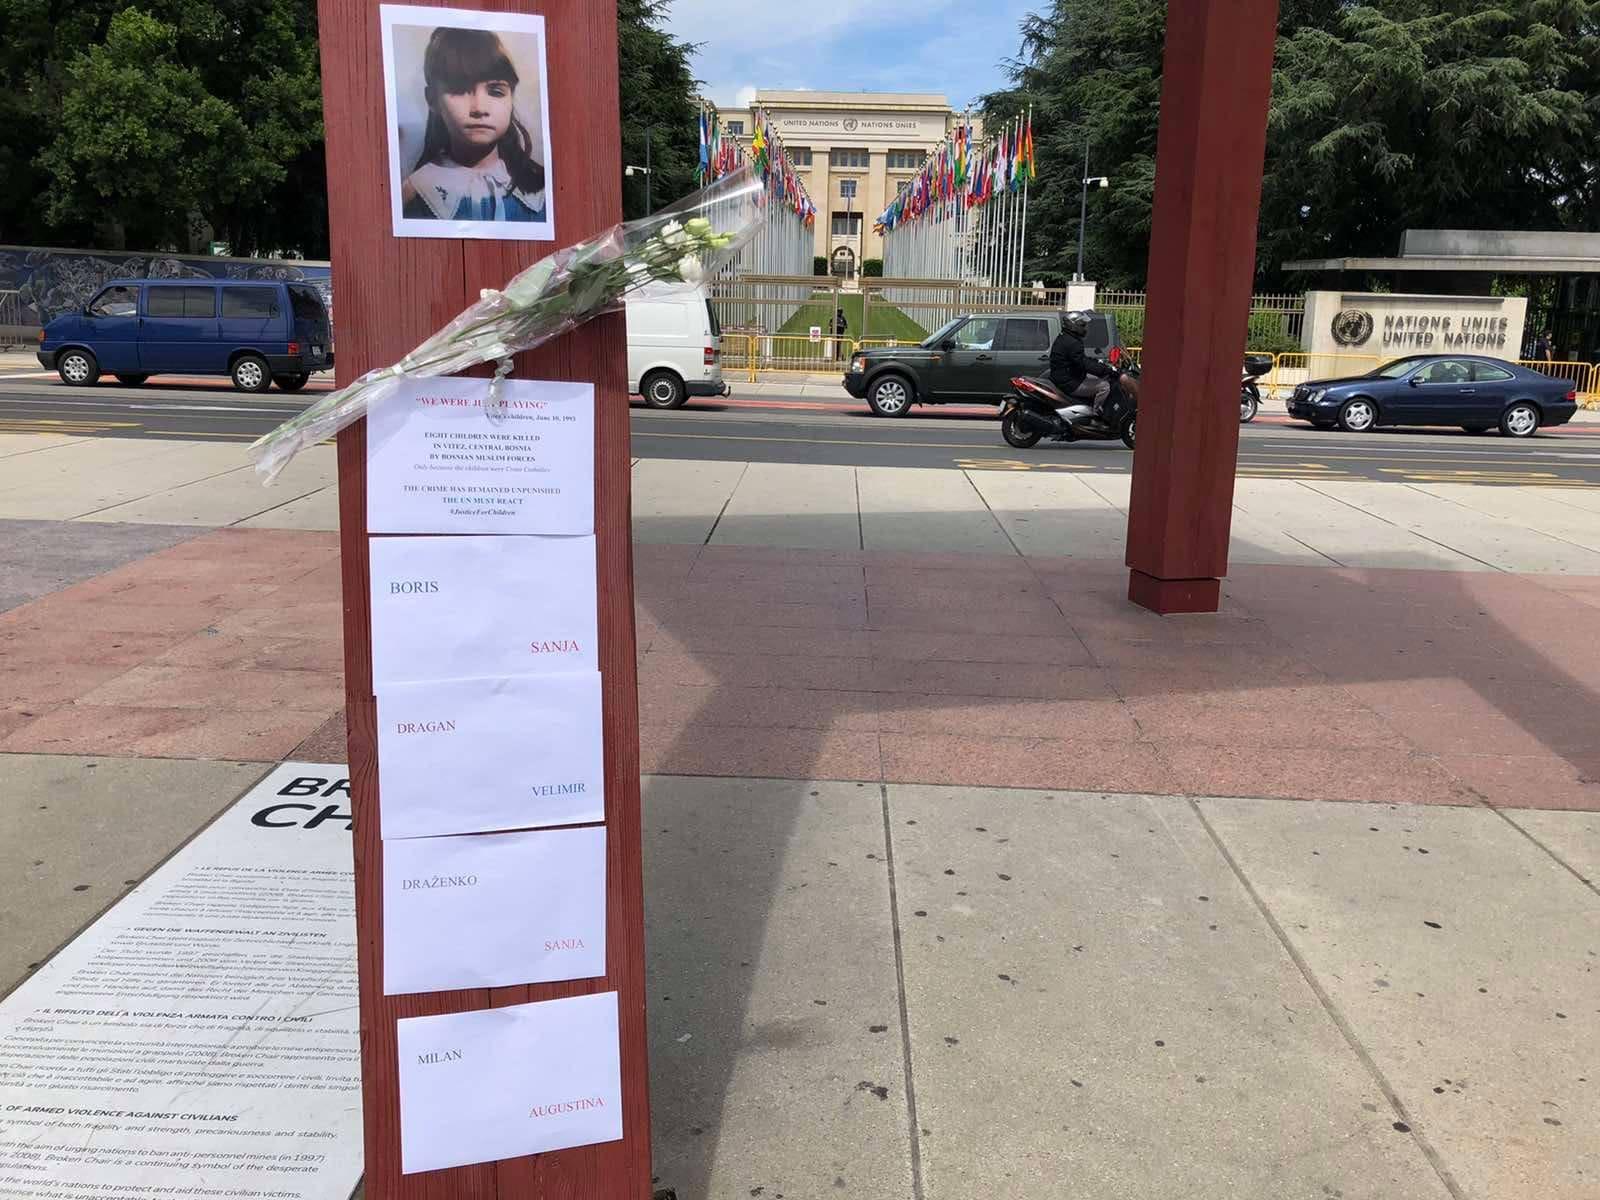 Ispred zgrade UN-a postavljena imena ubijene viteške djece